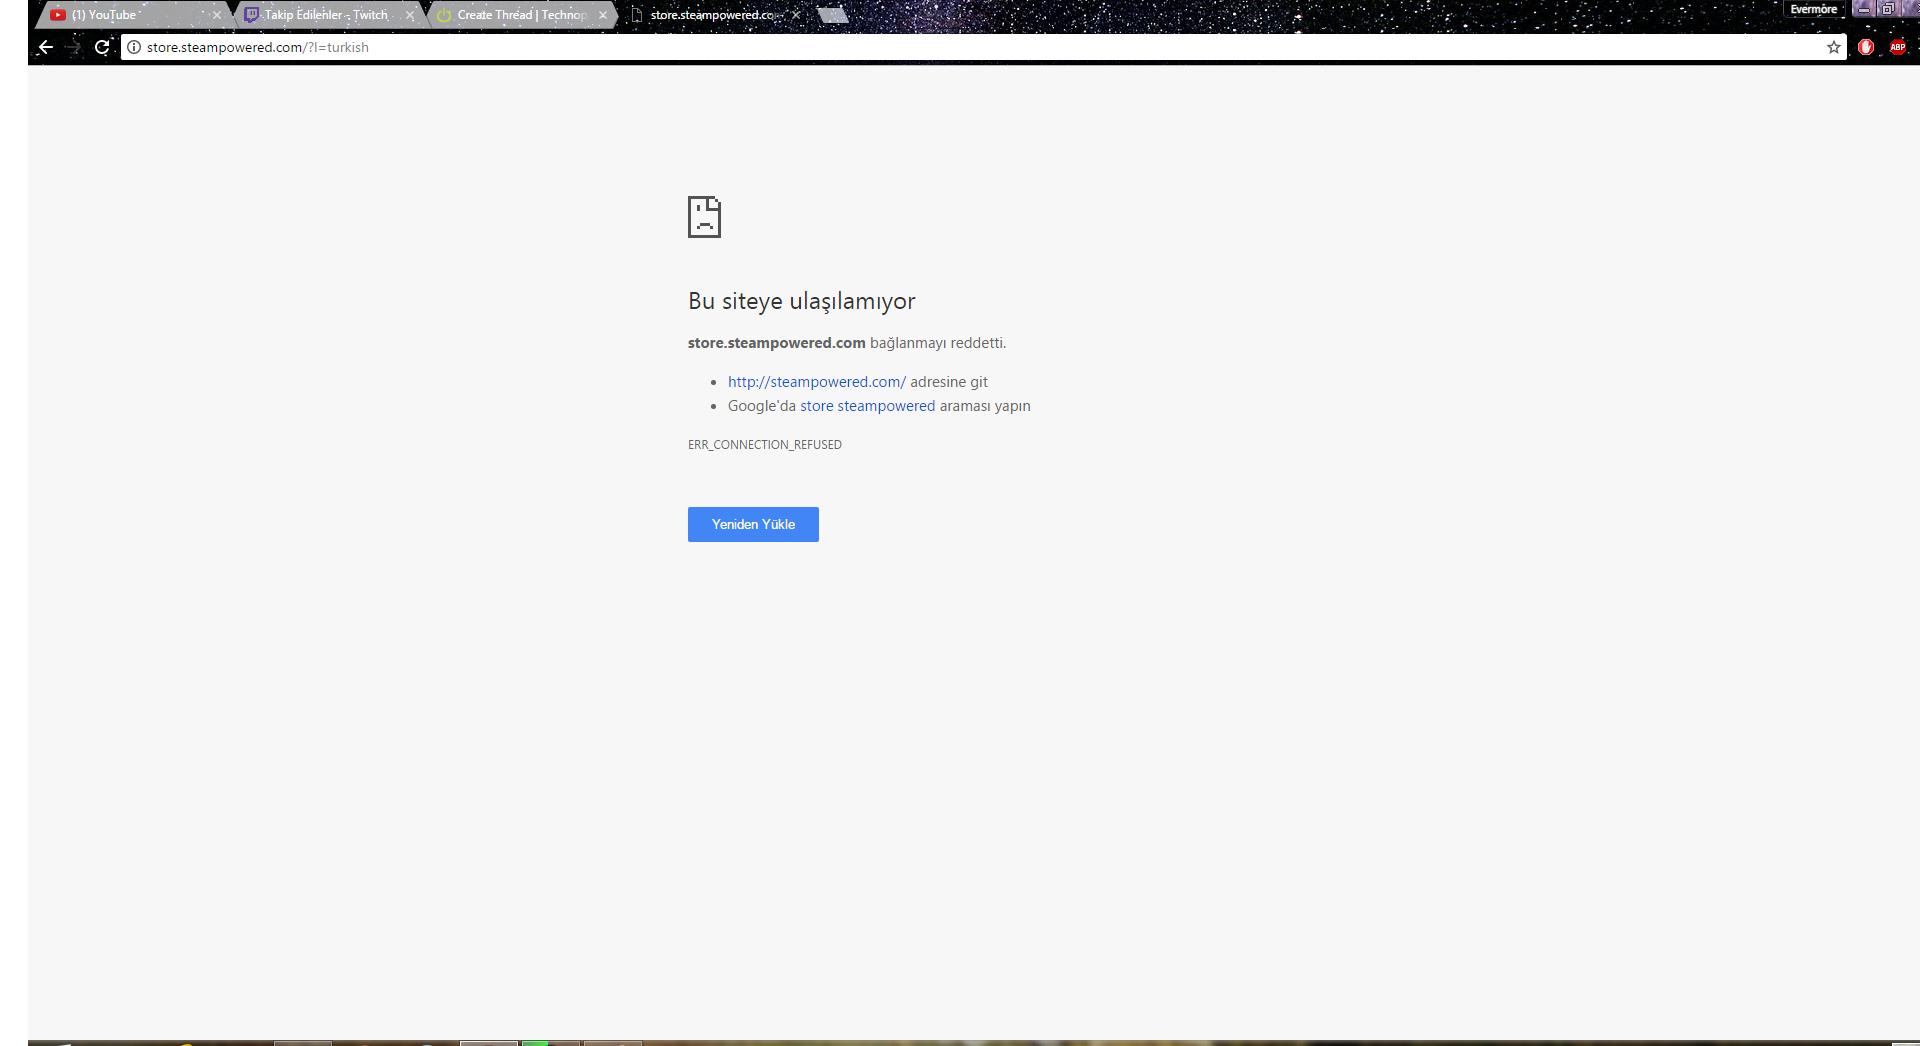 Chrome tarayıcıda meb.gov.tr adresine giremiyorum 2019